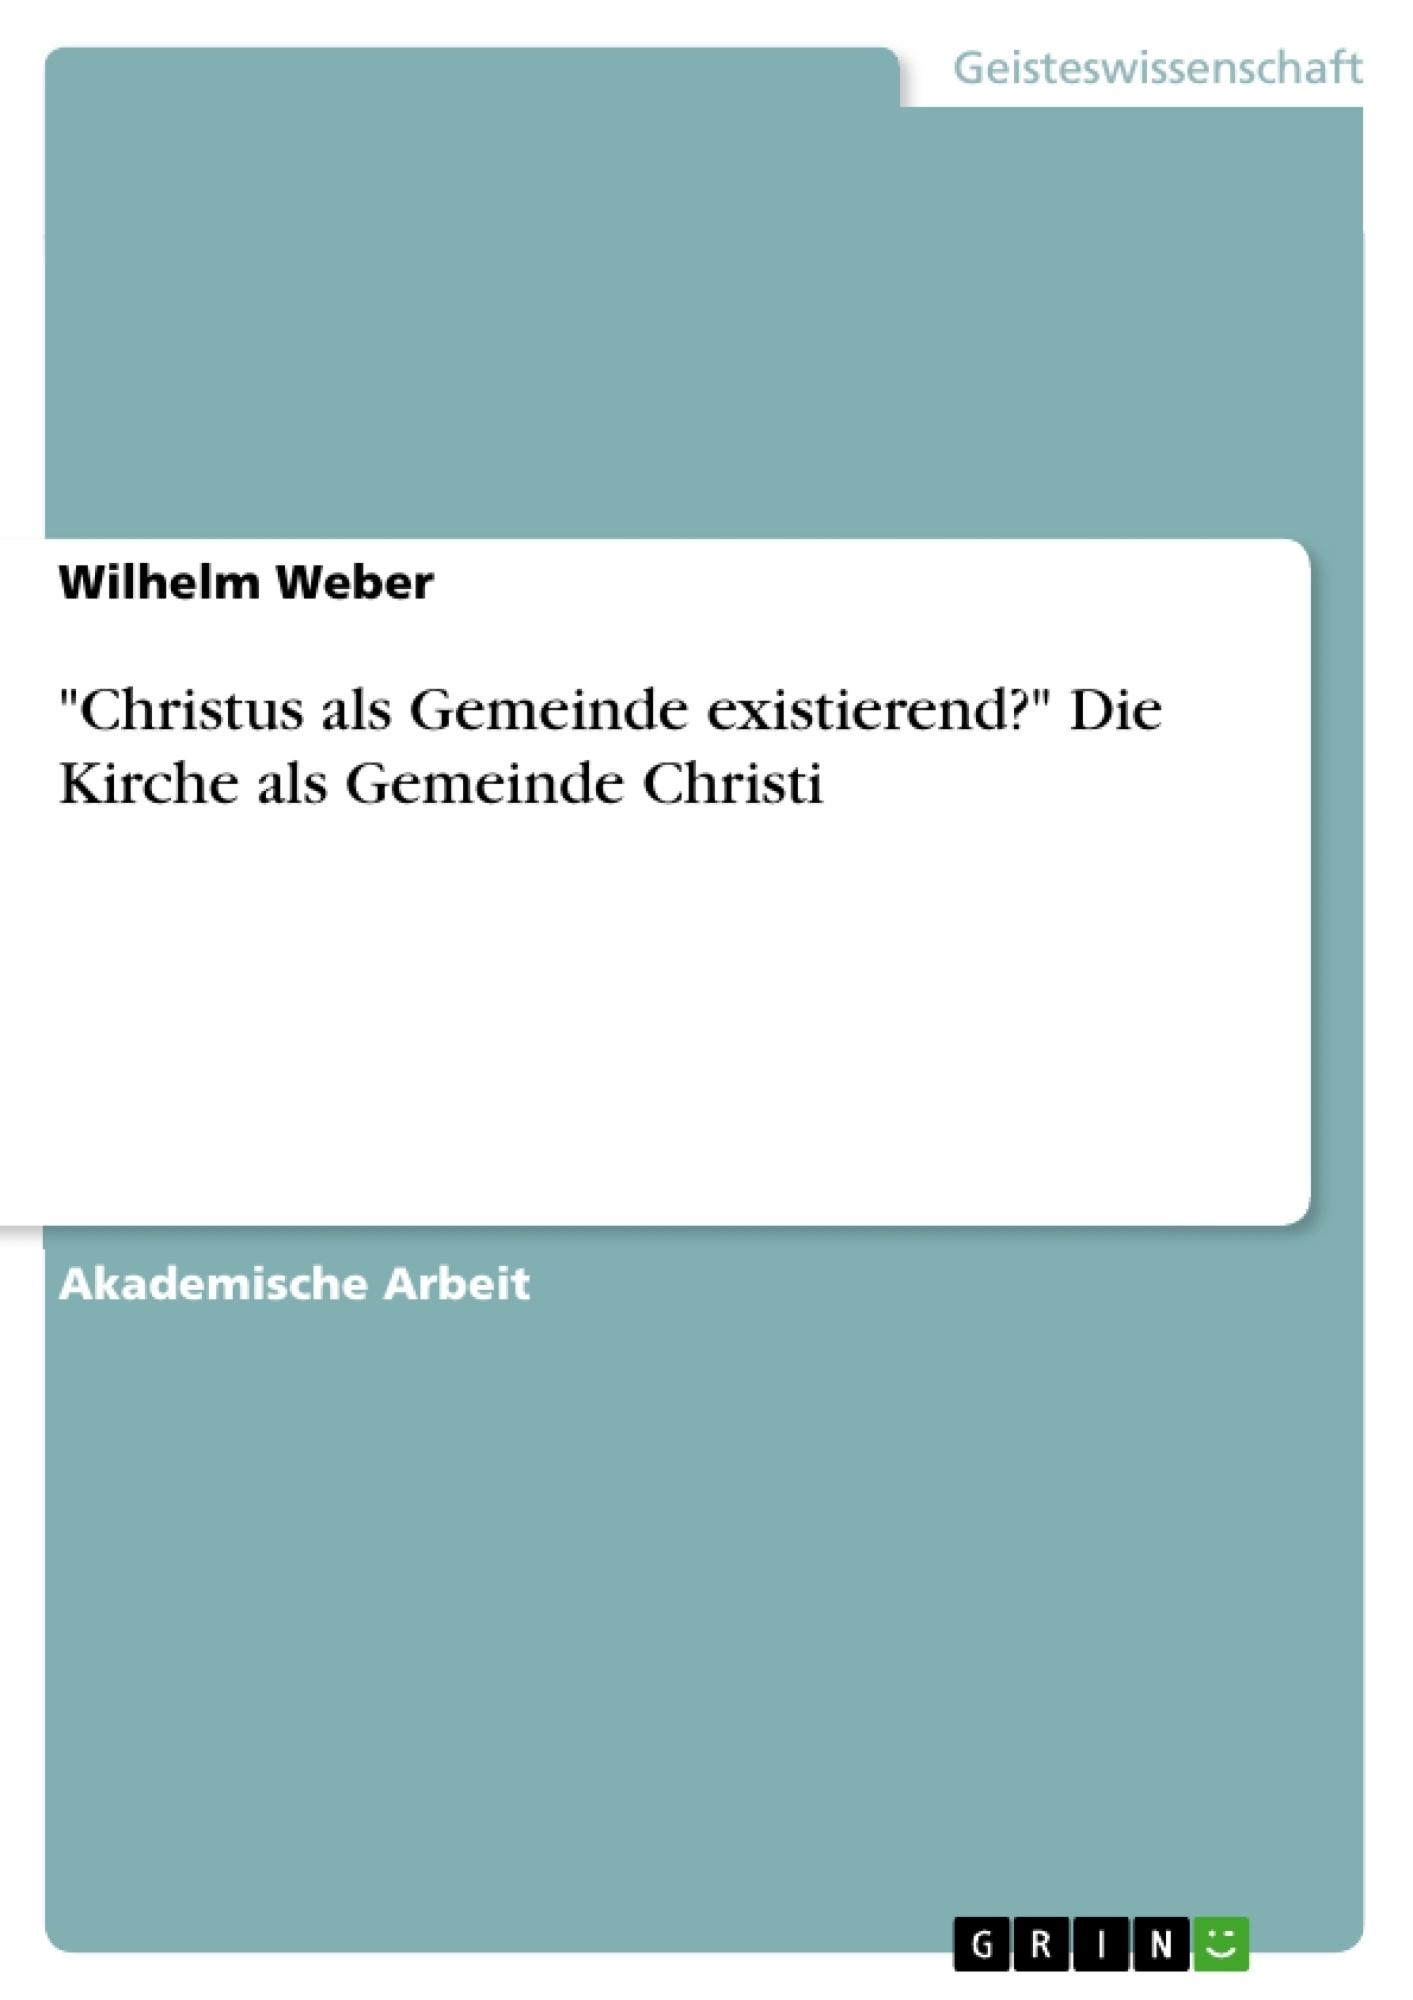 """Titel: """"Christus als Gemeinde existierend?"""" Die Kirche als Gemeinde Christi"""